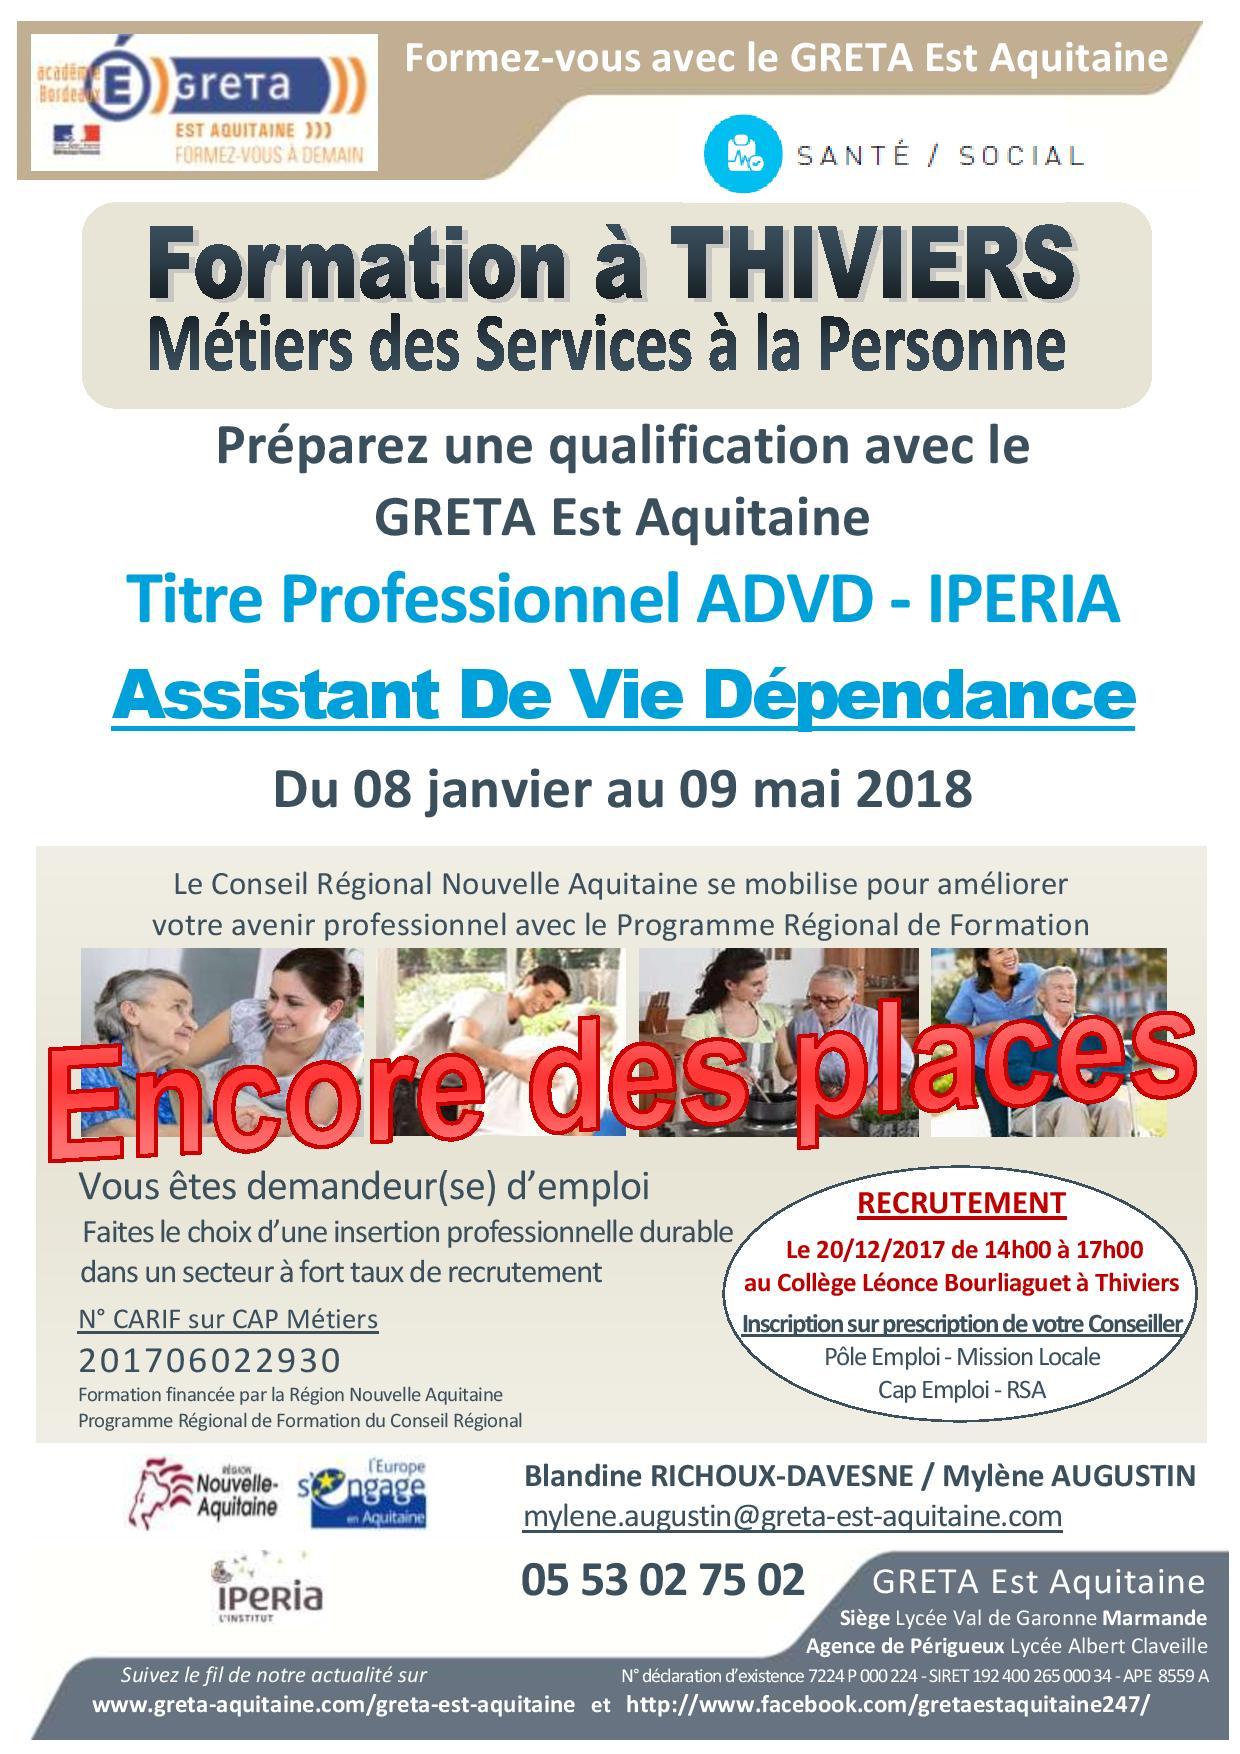 Recrutement Formation Advd Assistant E De Vie Dependance A Thiviers